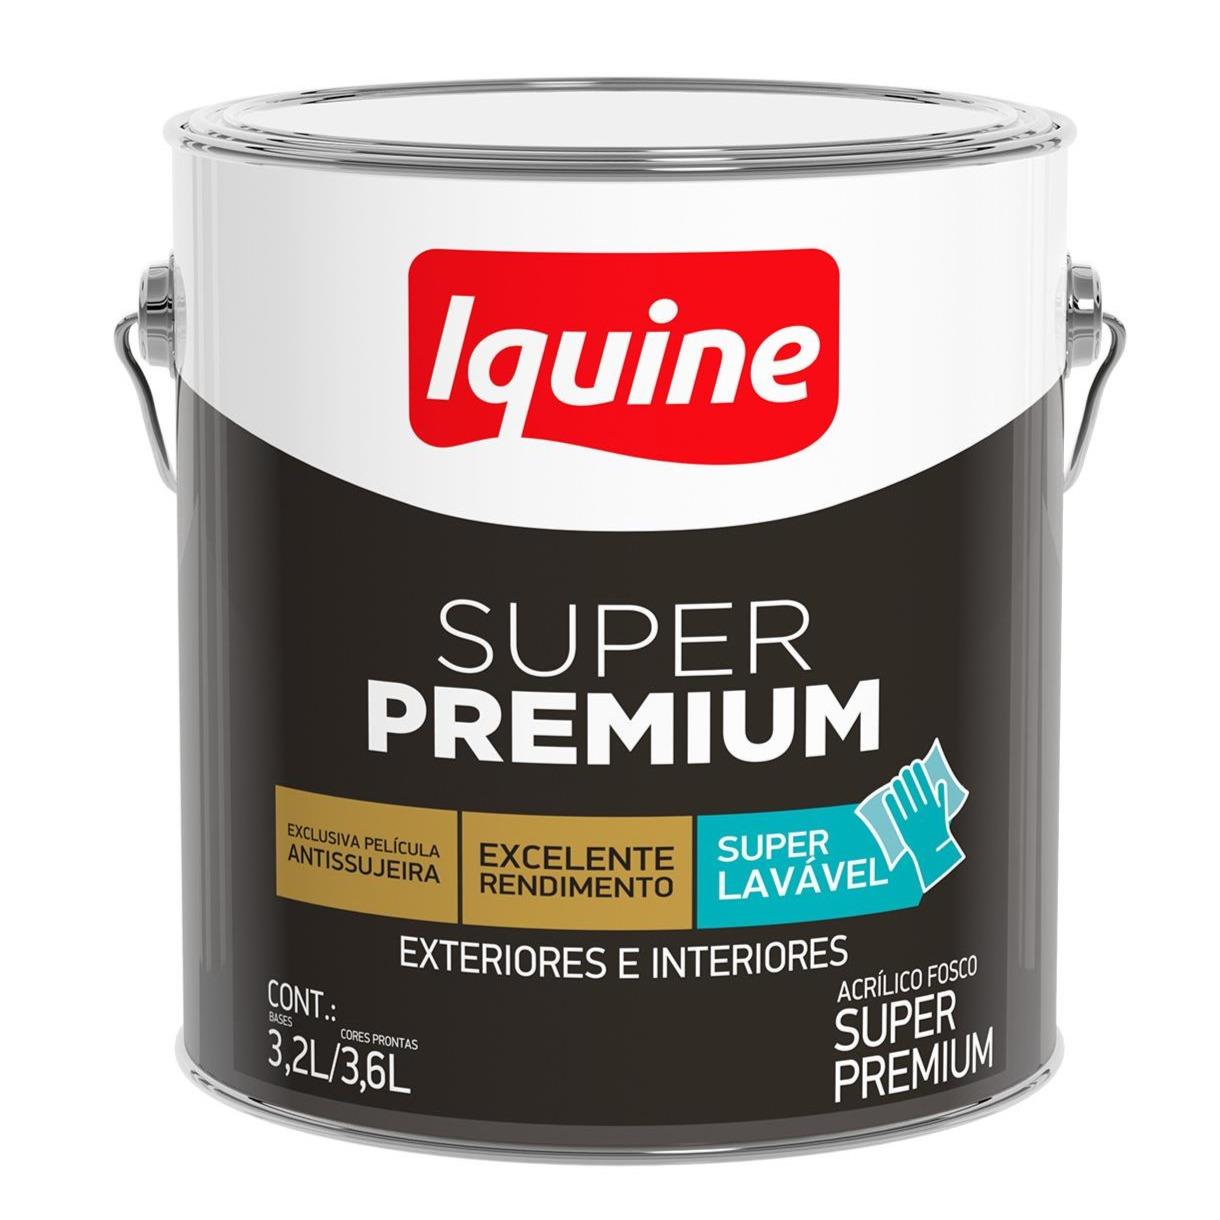 Tinta Acrilica Fosco Premium 36L - Branco Neve - Super Premium Iquine